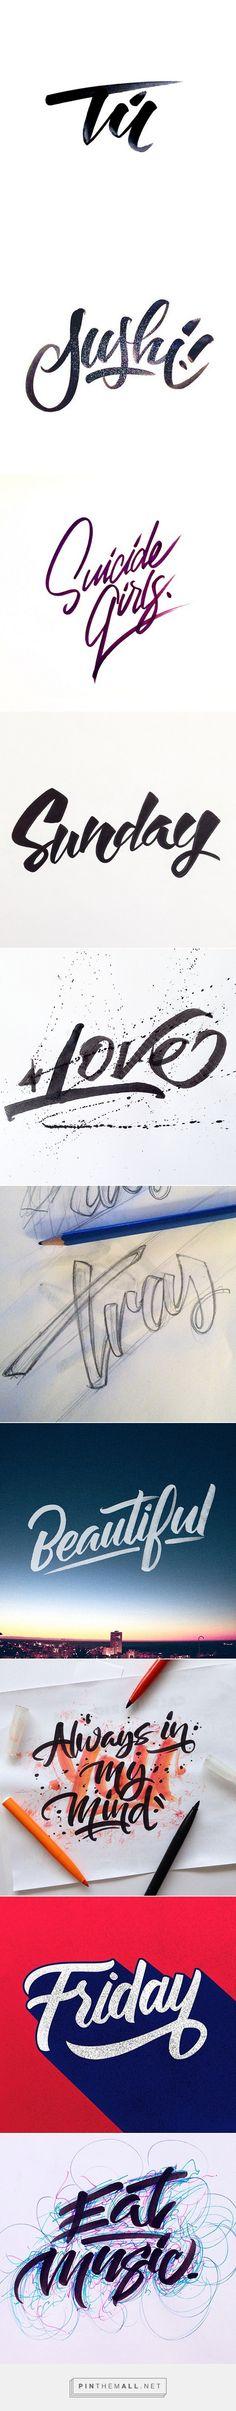 Brushpen Lettering Set 1 on Behance - created via http://pinthemall.net